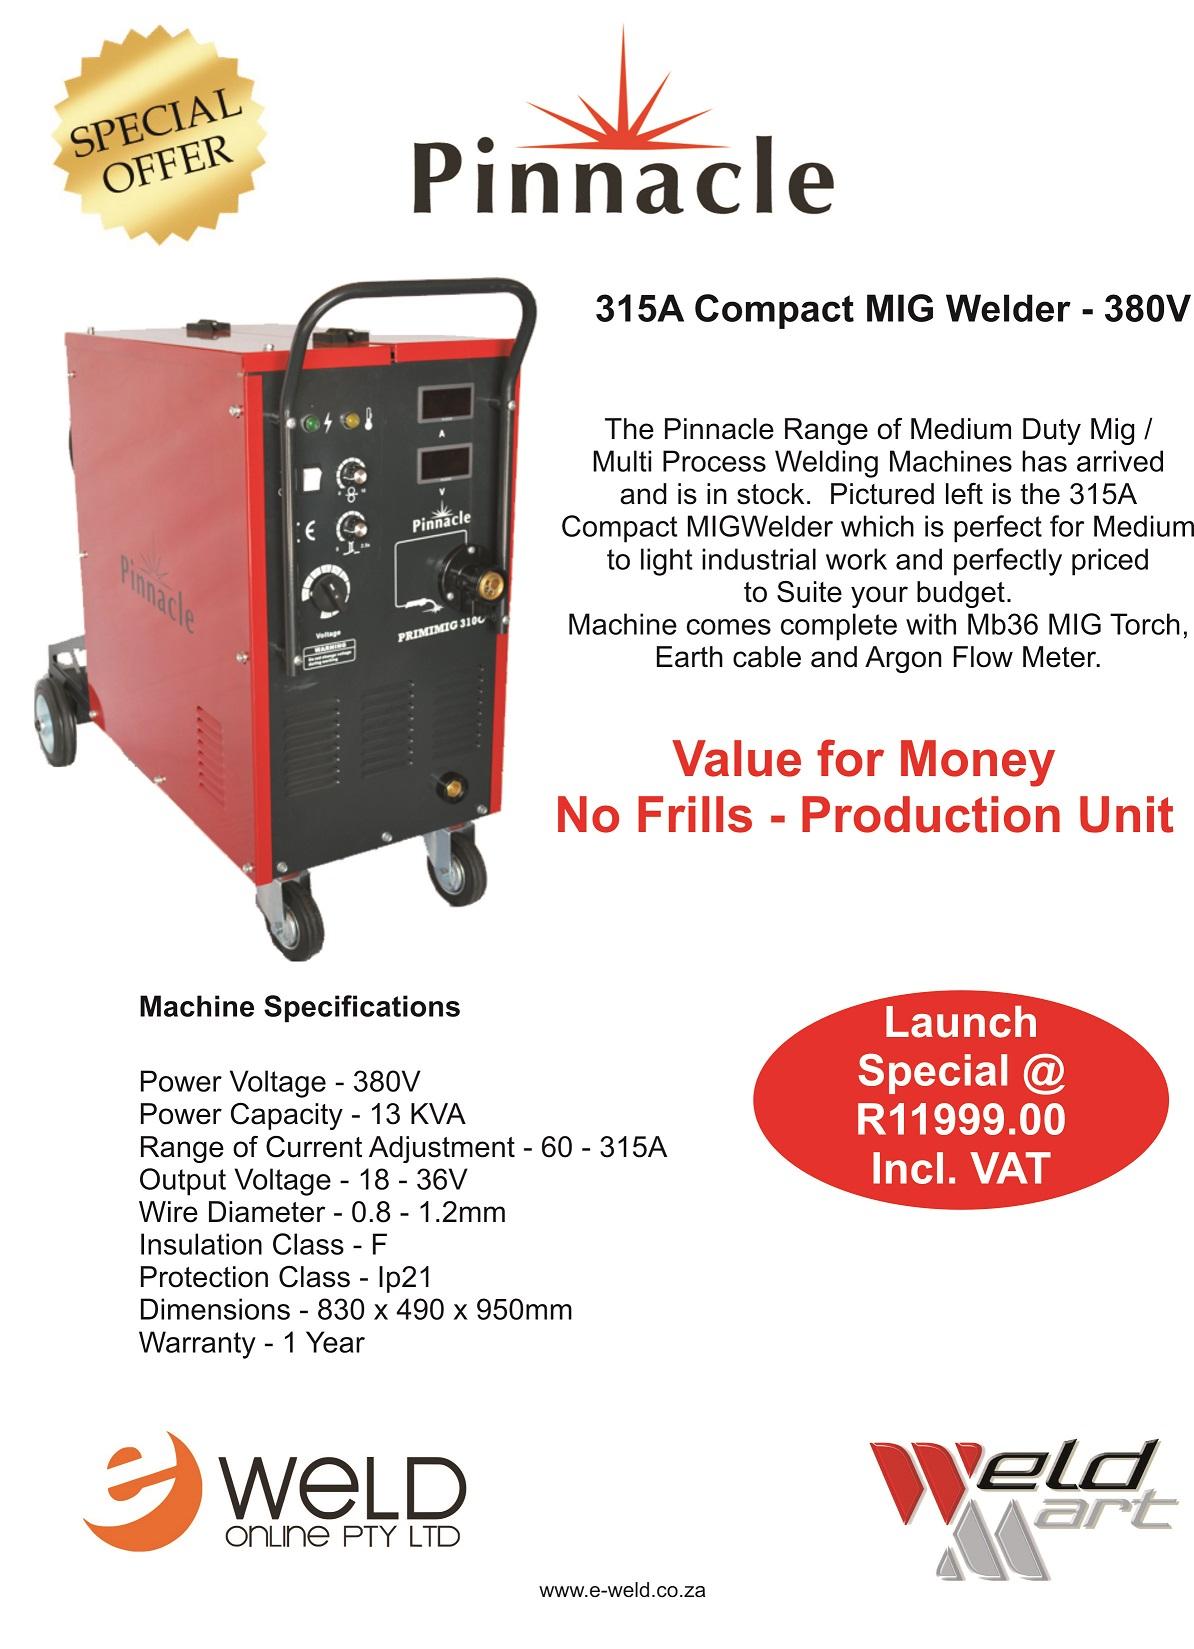 Pinnacle 310 Compact MIG